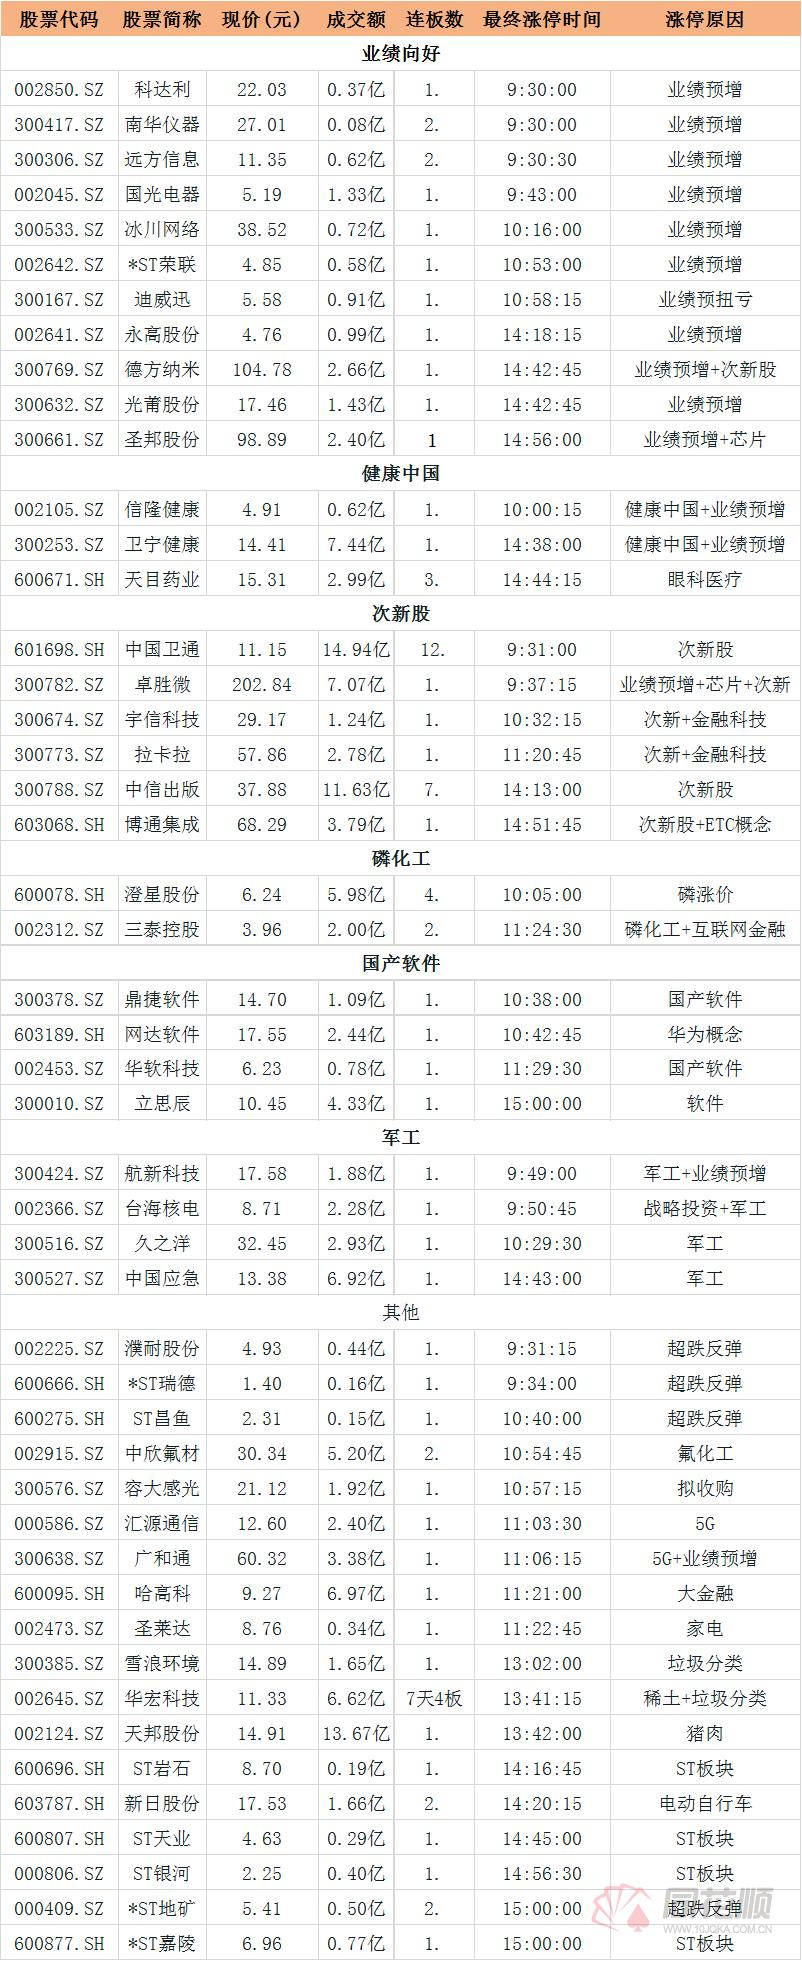 涨停复盘:中报业绩为王「云南财经大学有大数据这个专业吗」 金融科技概念股活跃